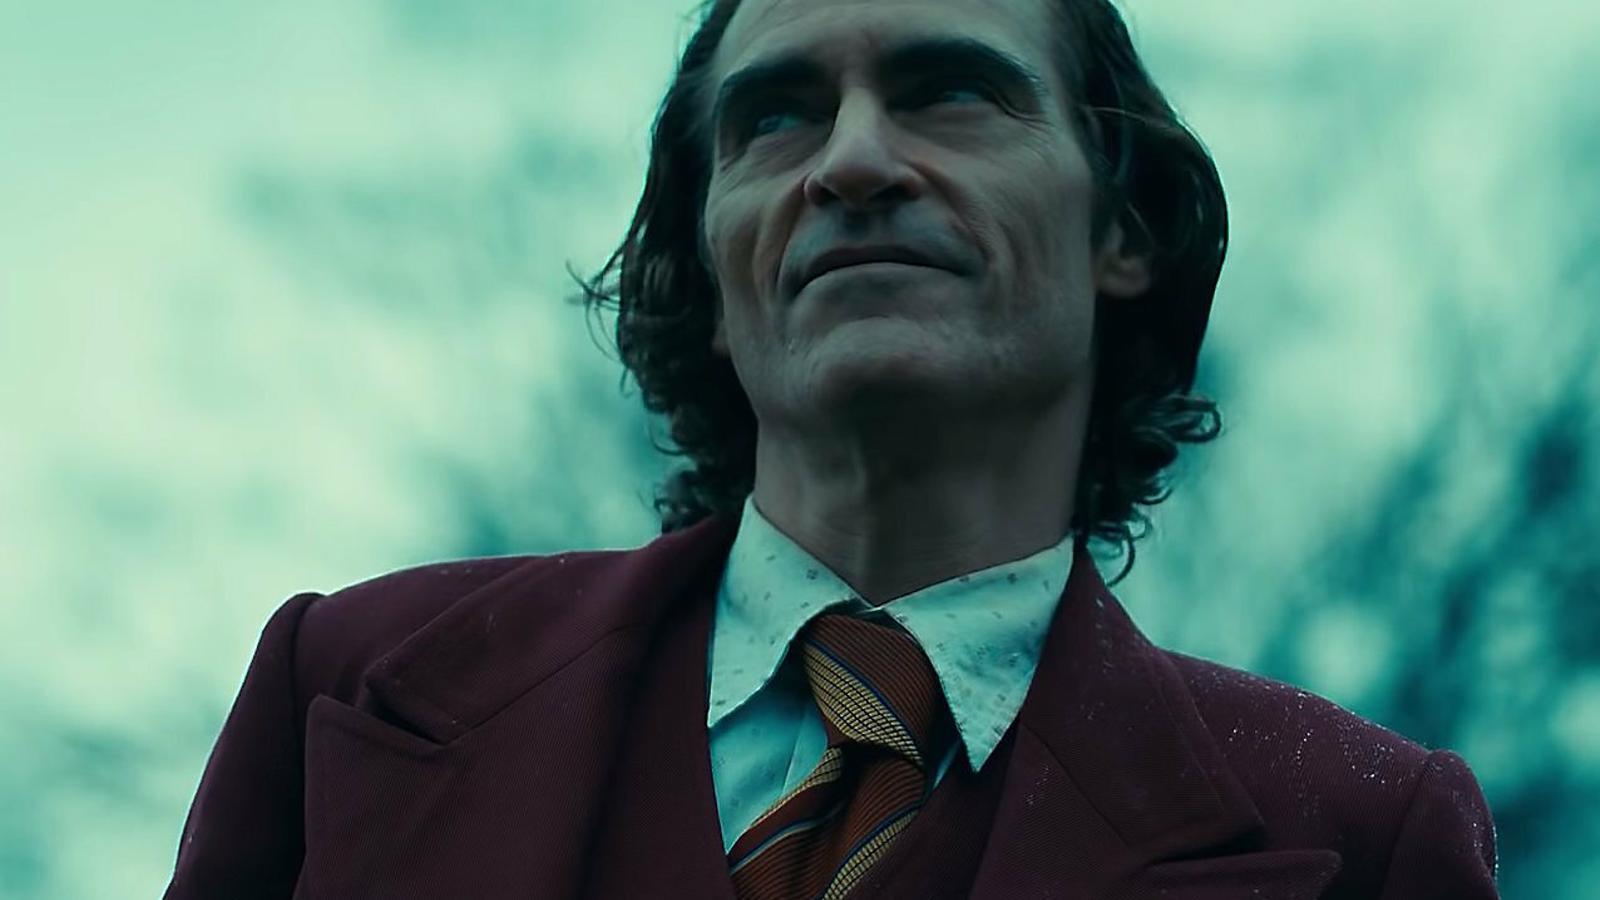 Joaquin Phoenix assoleix amb el seu Joker una creació total, orgànica, gairebé tel·lúrica.